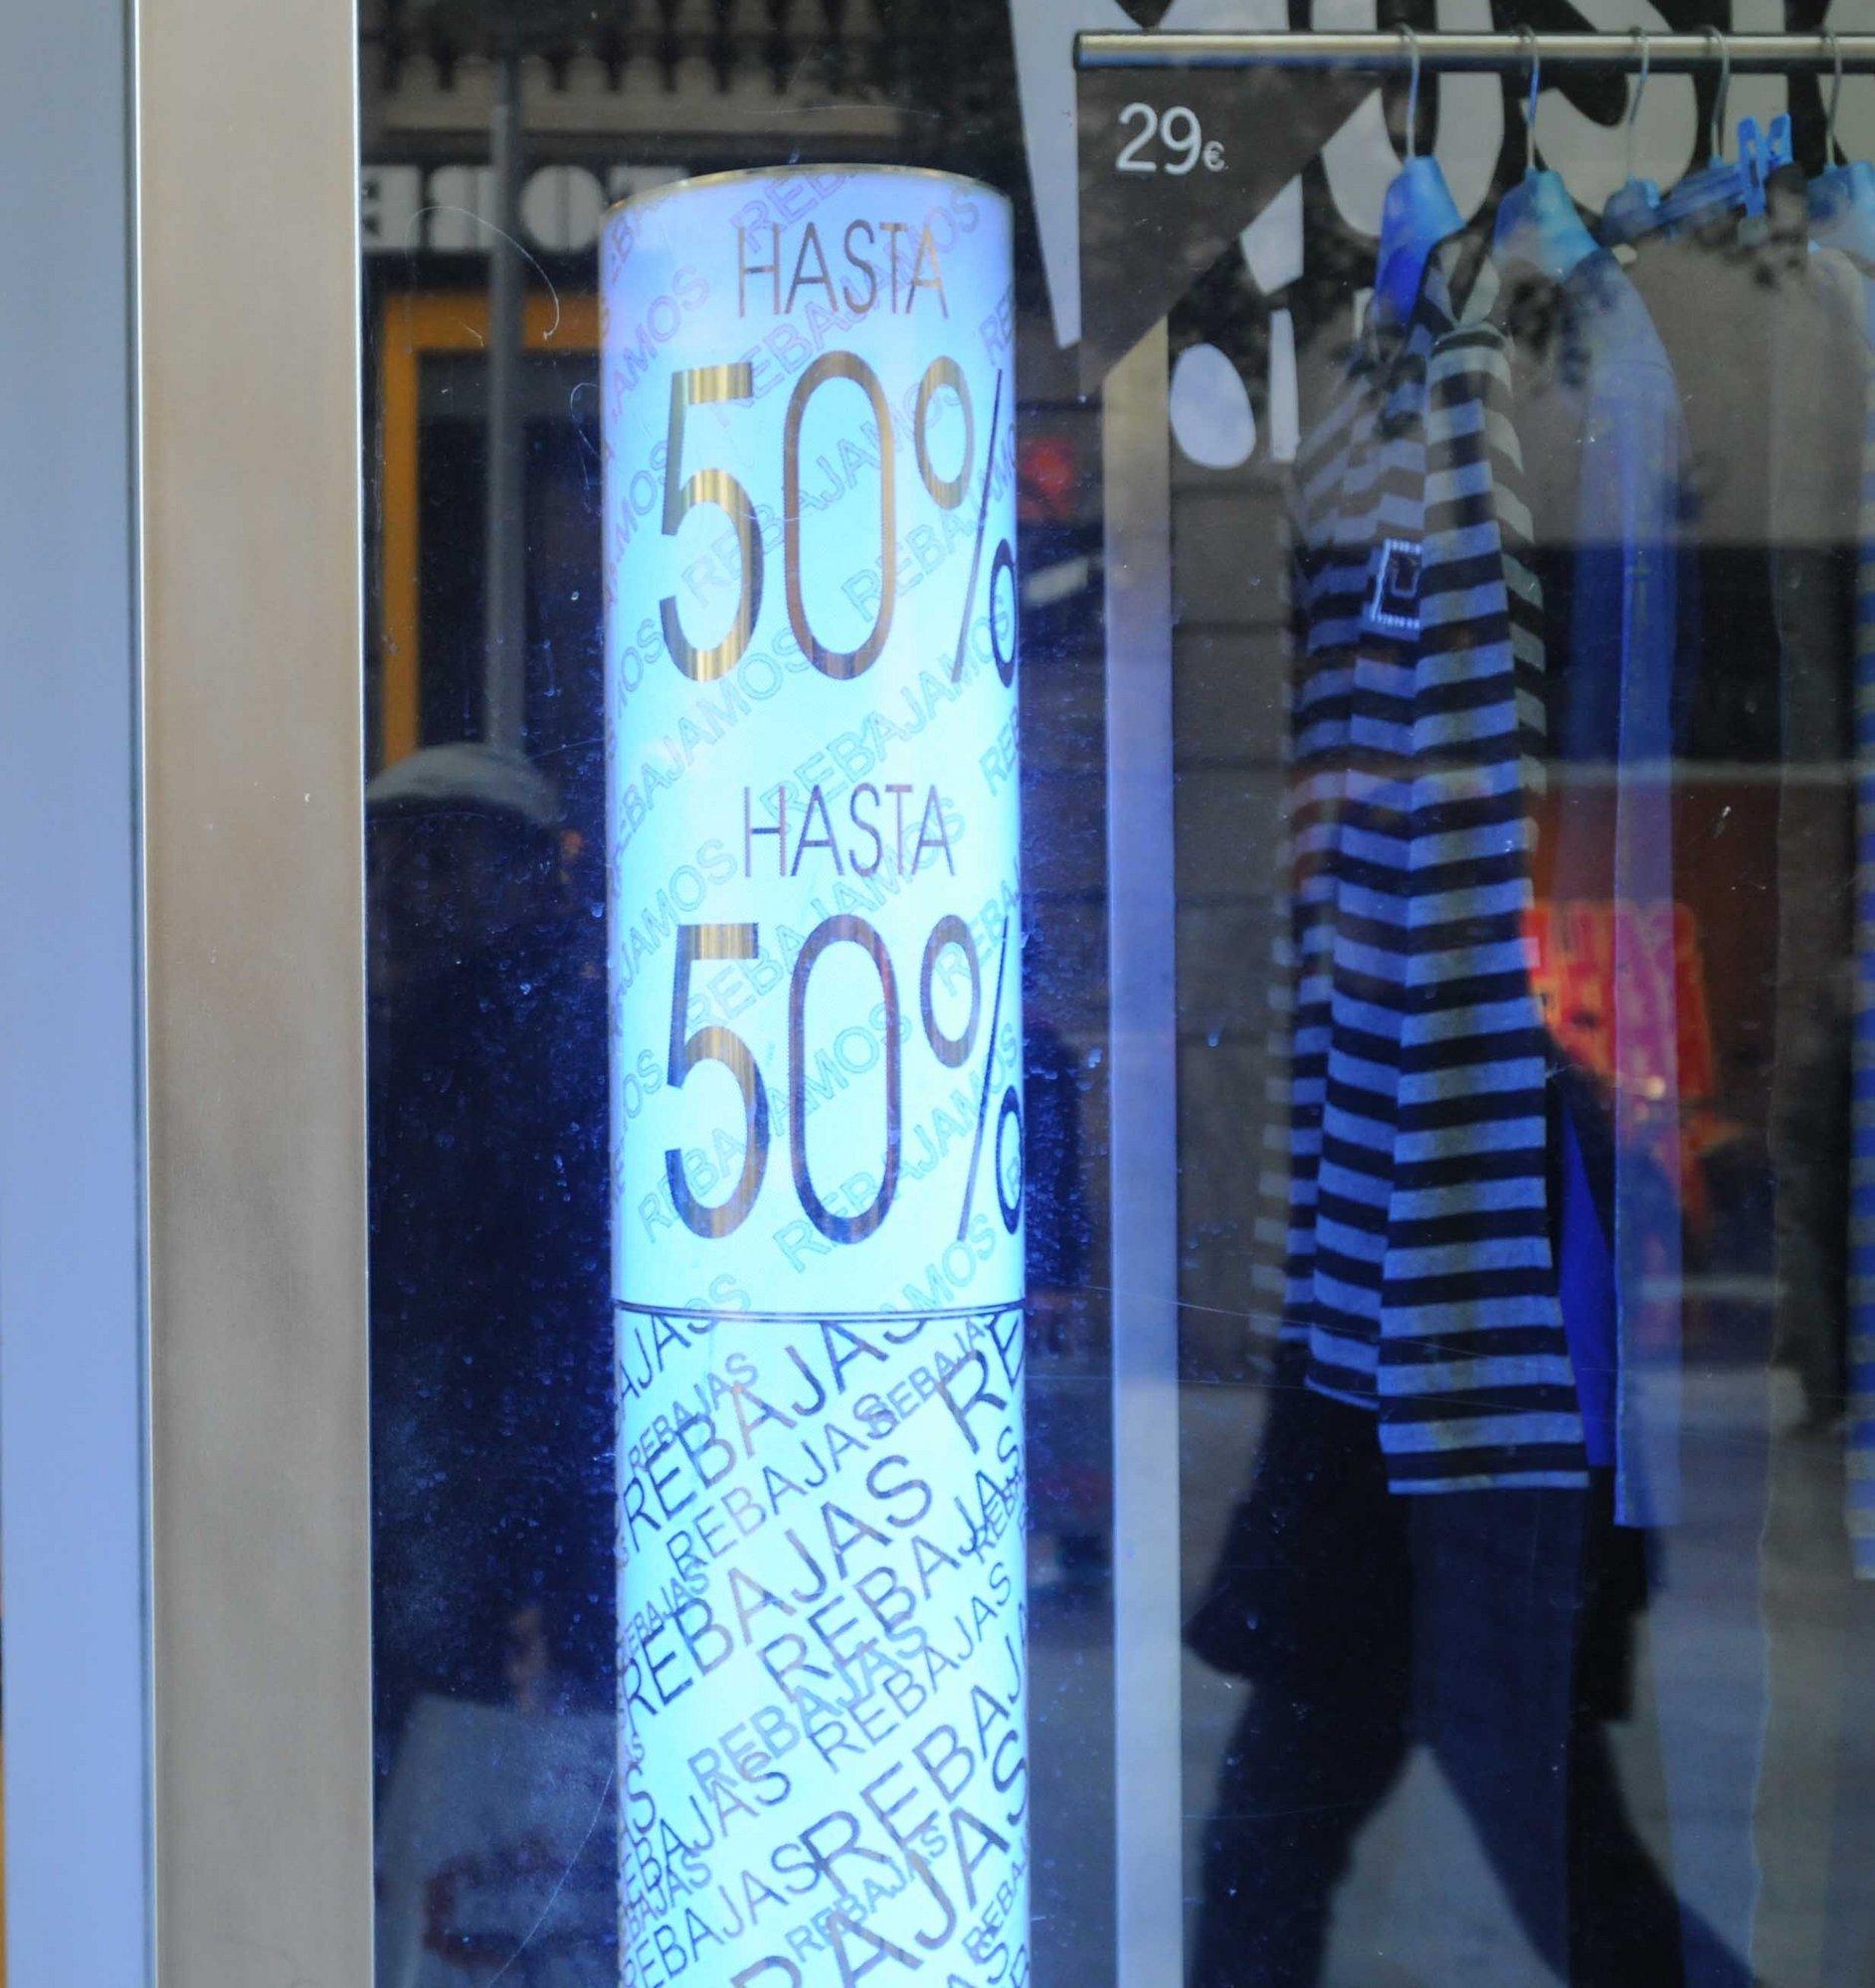 El 40% de los establecimientos comerciales incumplen la normativa, sobre todo por la publicidad y los medios de pago